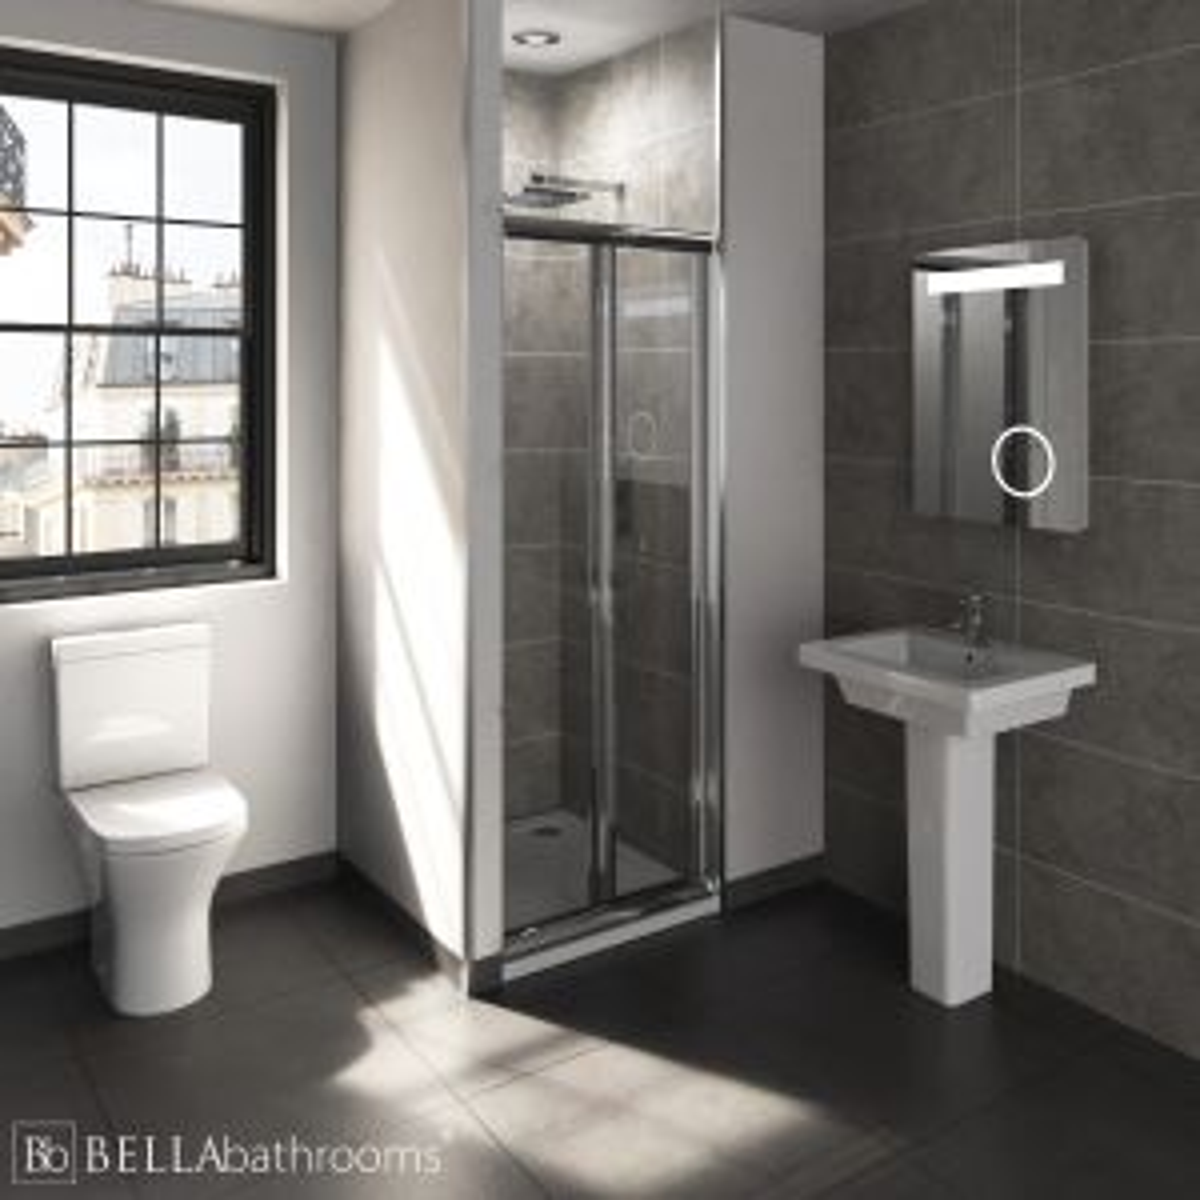 RAK Resort En-Suite with Bifold Door Shower Enclosure Recess